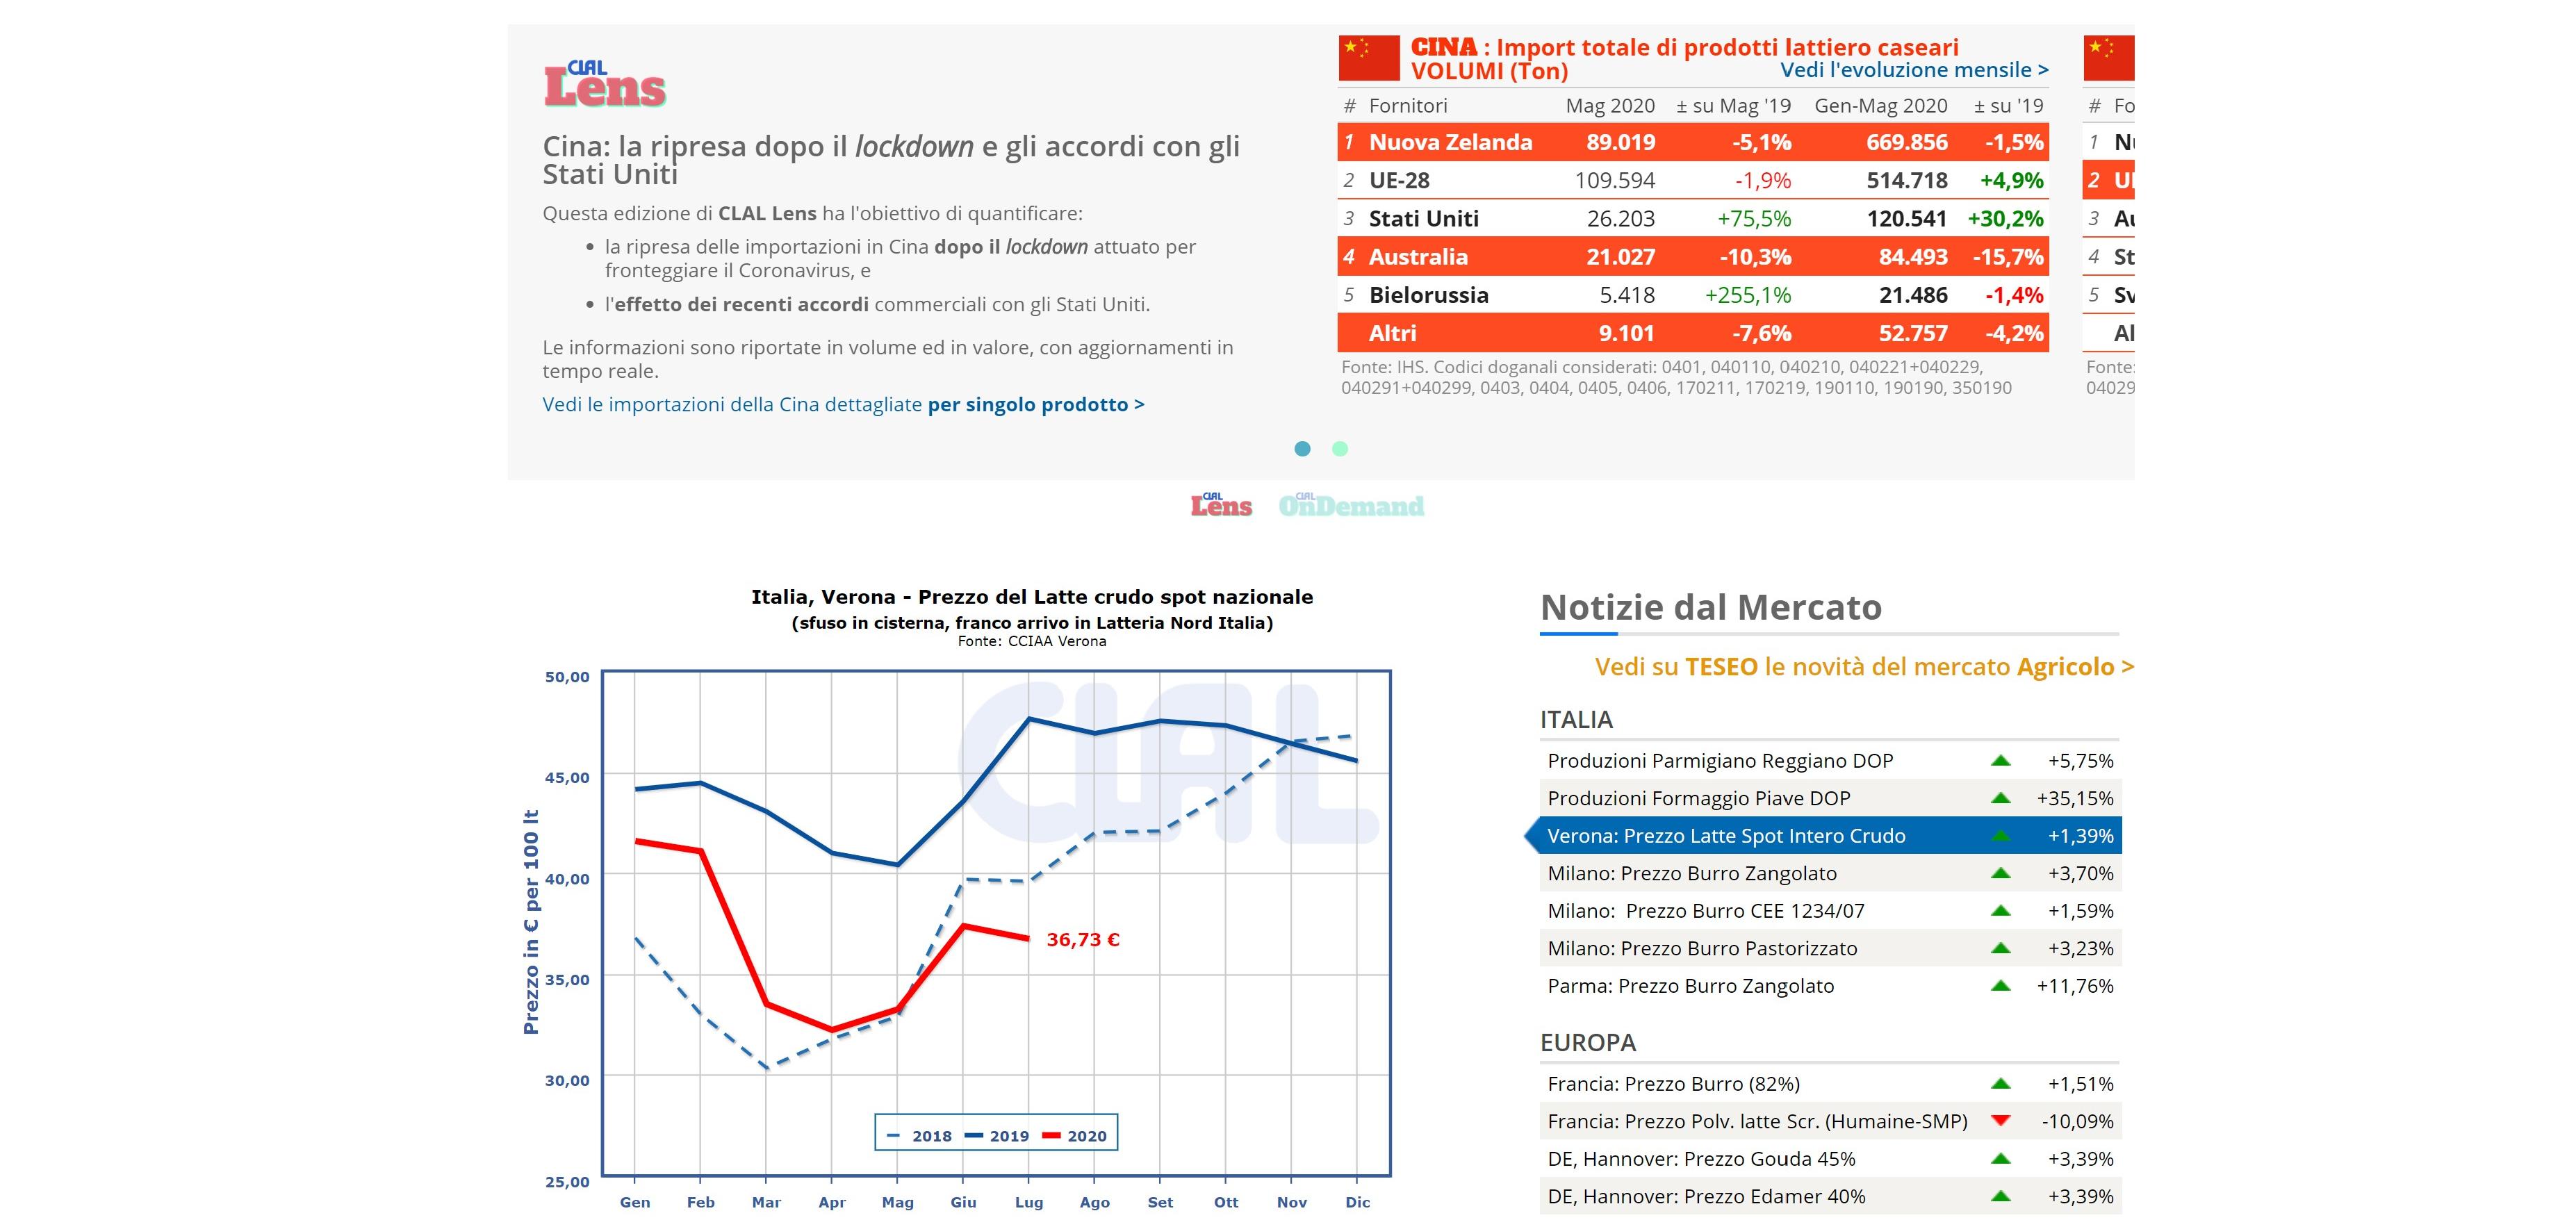 Alcuni dei dati di mercato disponibili sulla Home Page di CLAL